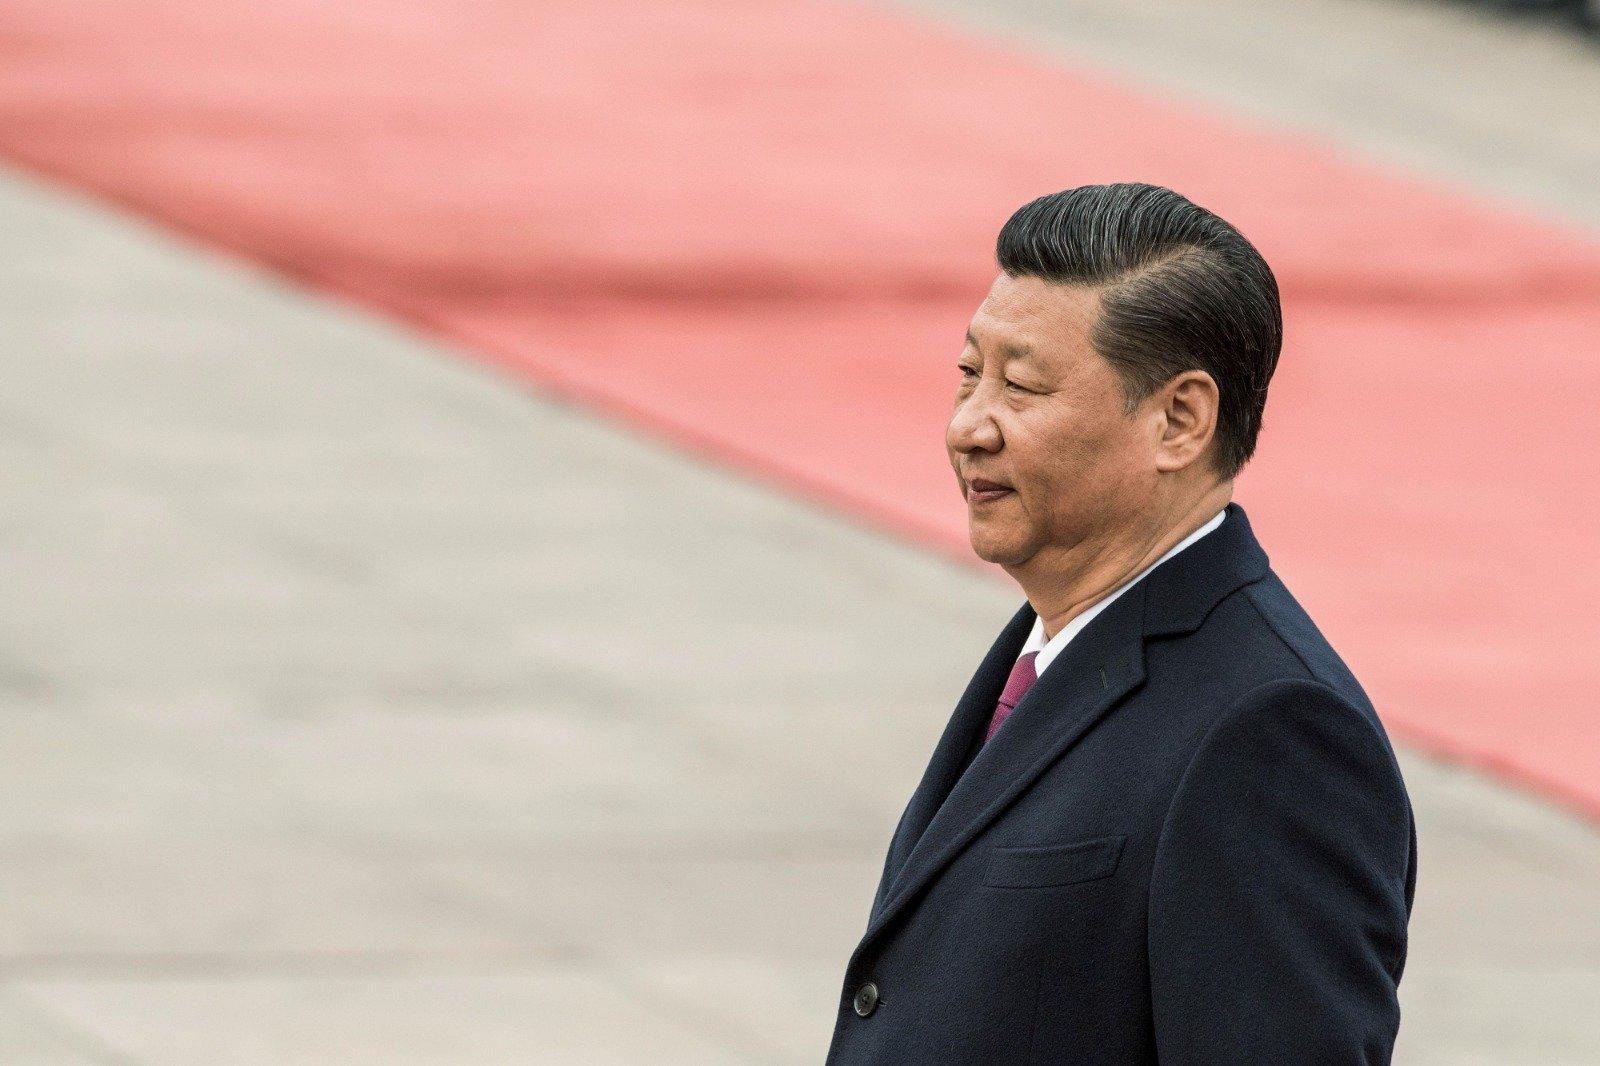 美國國會議員正推動一項法案,要求美國政府在官方文件中,以「head of the CCP」,而非「President」來稱呼中共黨魁。(Kevin Frayer/Getty Images)